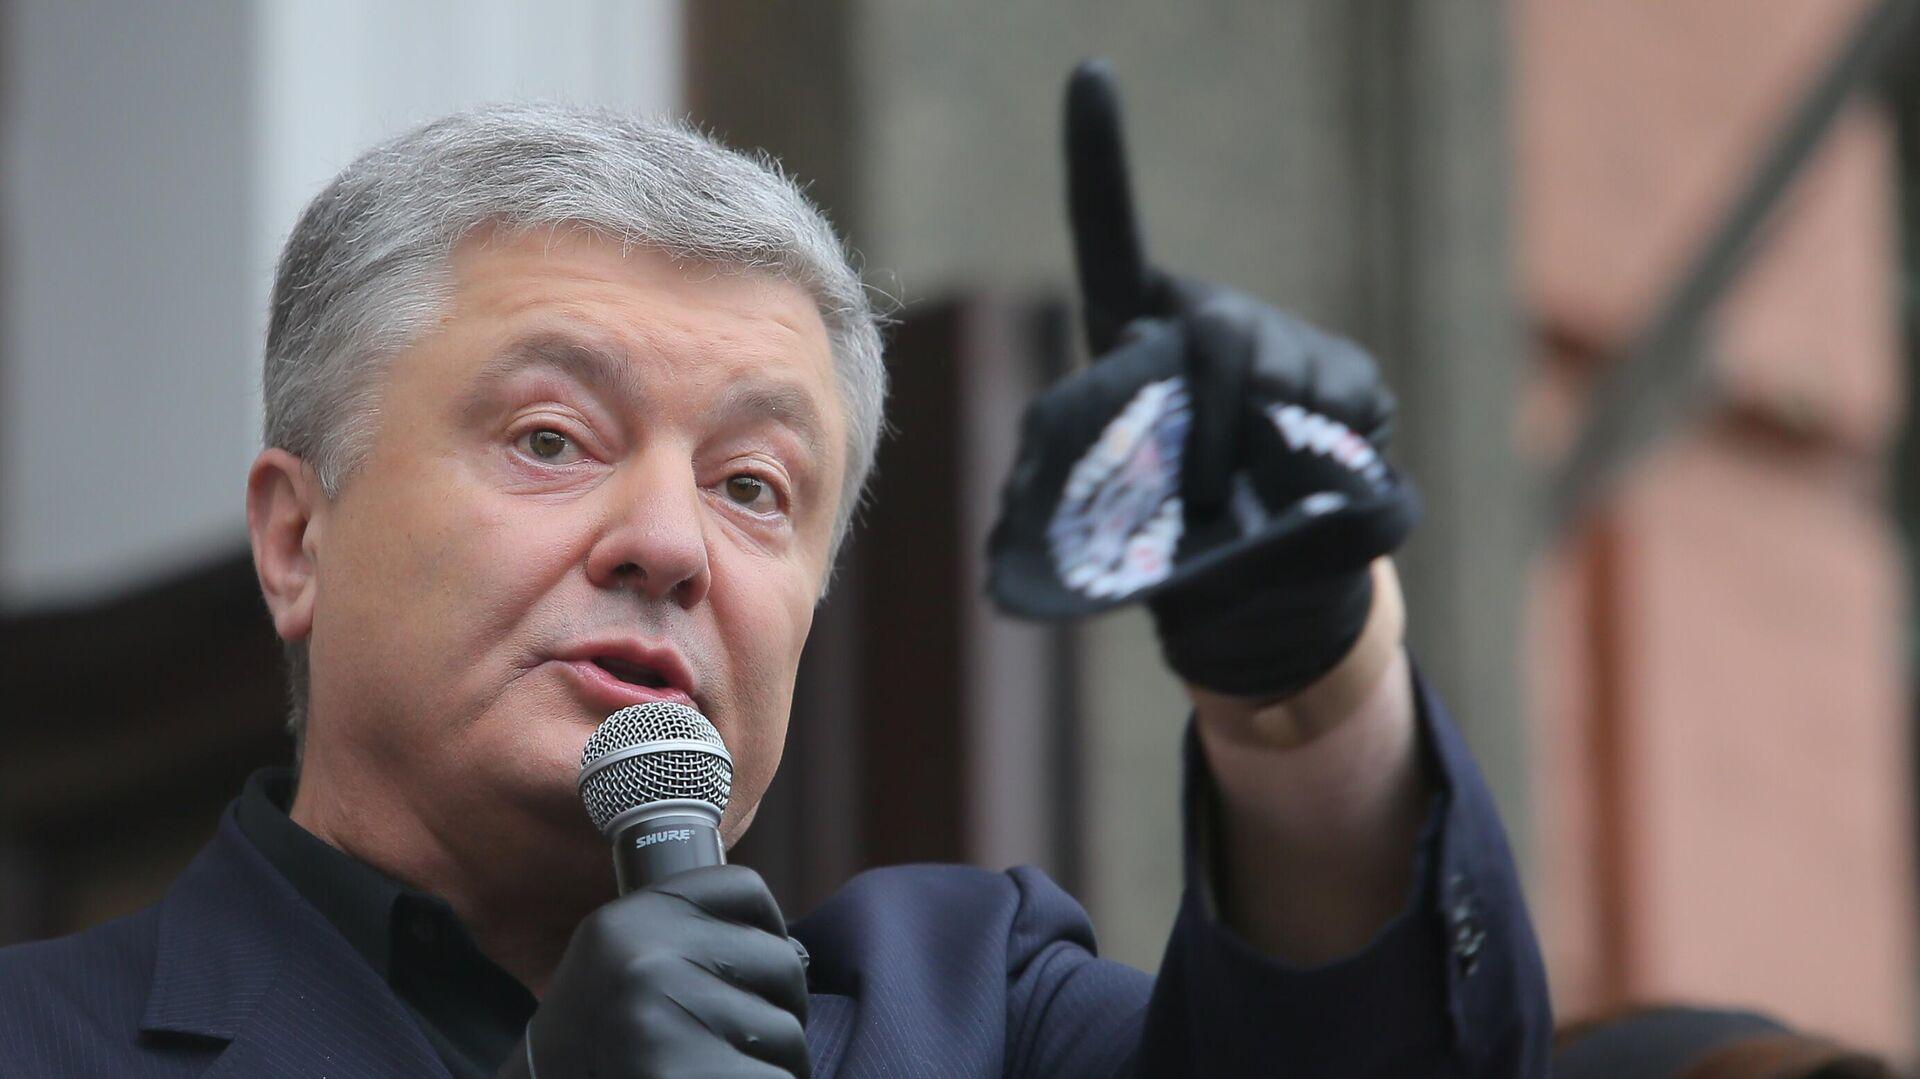 Петр Порошенко выступает у здания Печорского районного суда - РИА Новости, 1920, 28.02.2021